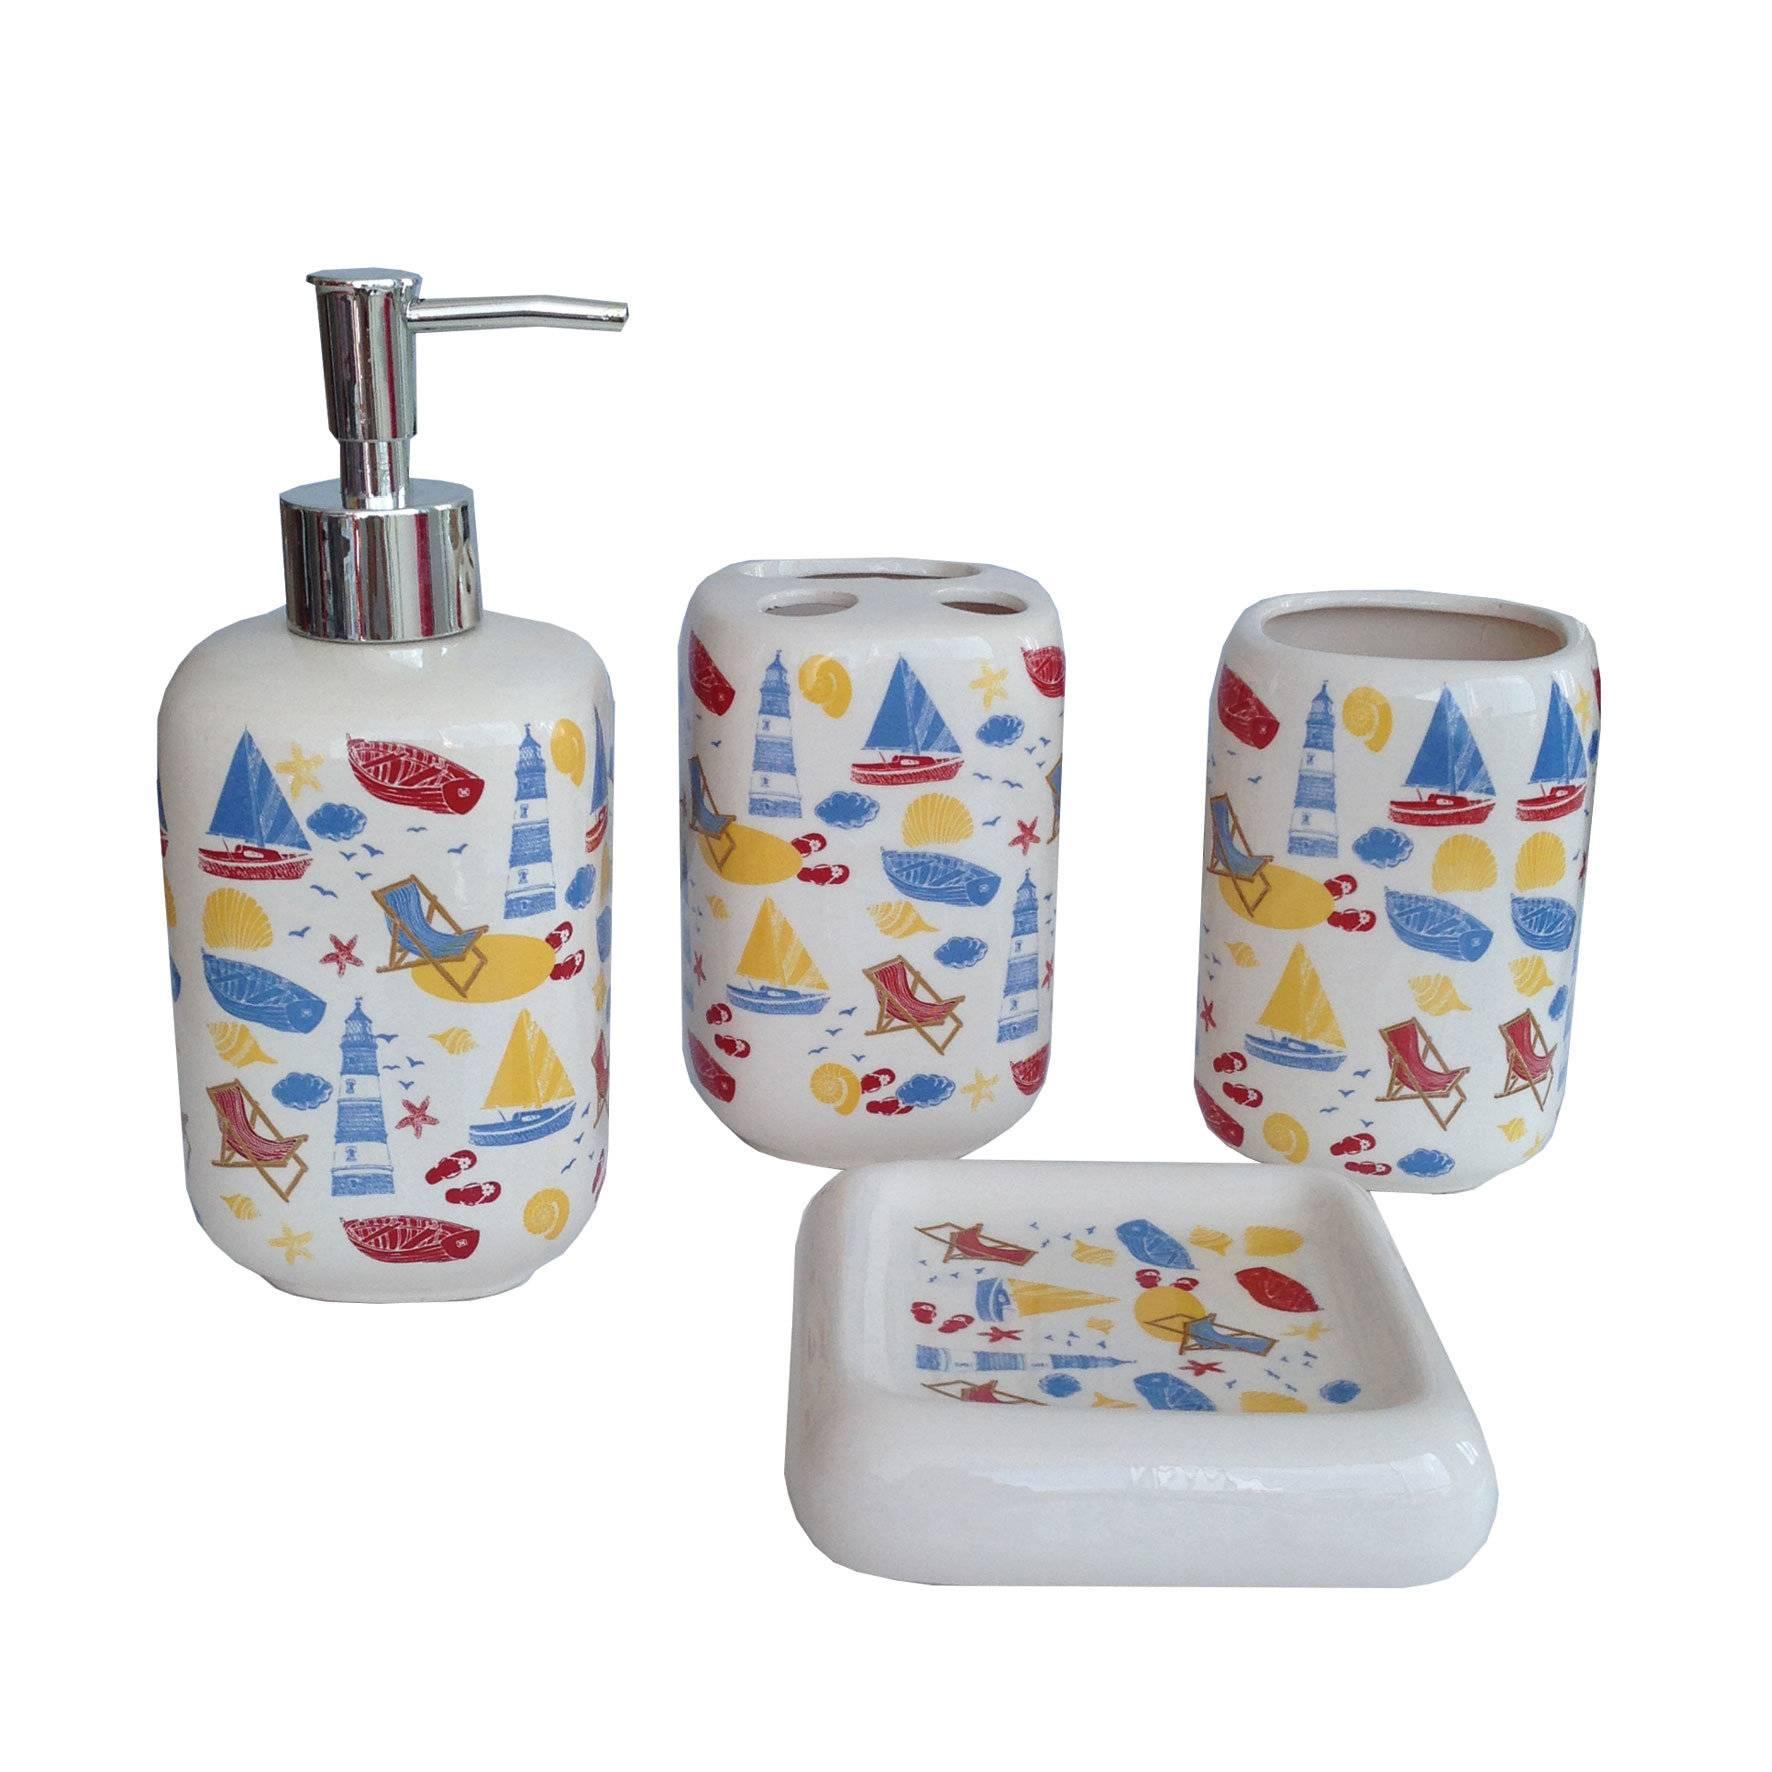 Аксессуары для ванной — какие выбрать? фото обзор лучших идей и дизайн.